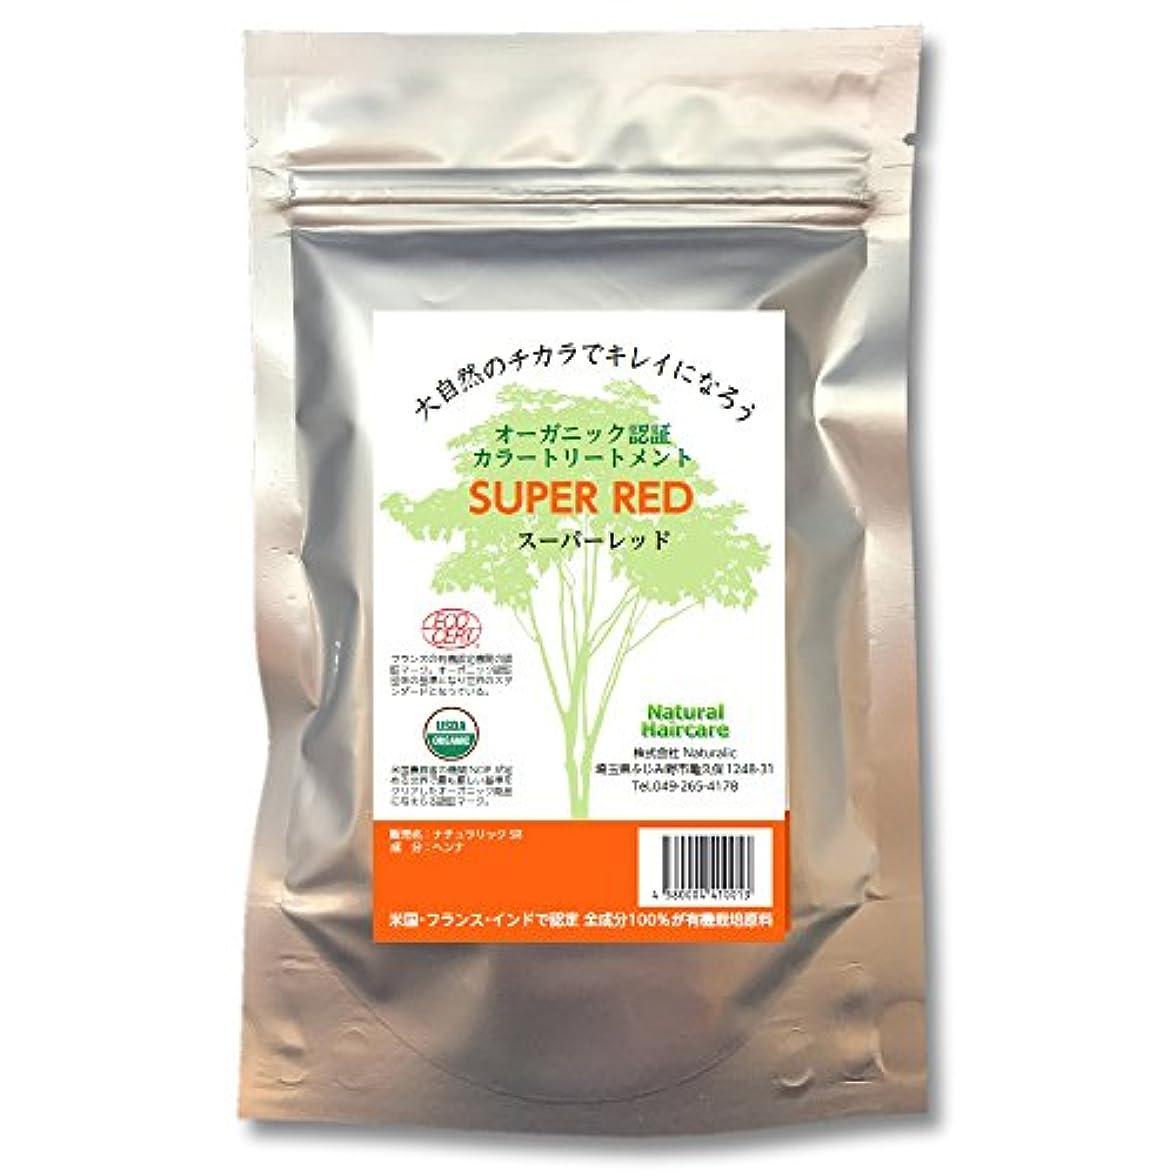 医師まあボトルナチュラルヘアケア スーパーレッド 世界3カ国オーガニック機関認証済み 100%天然植物 ヘナ 濃いオレンジ色